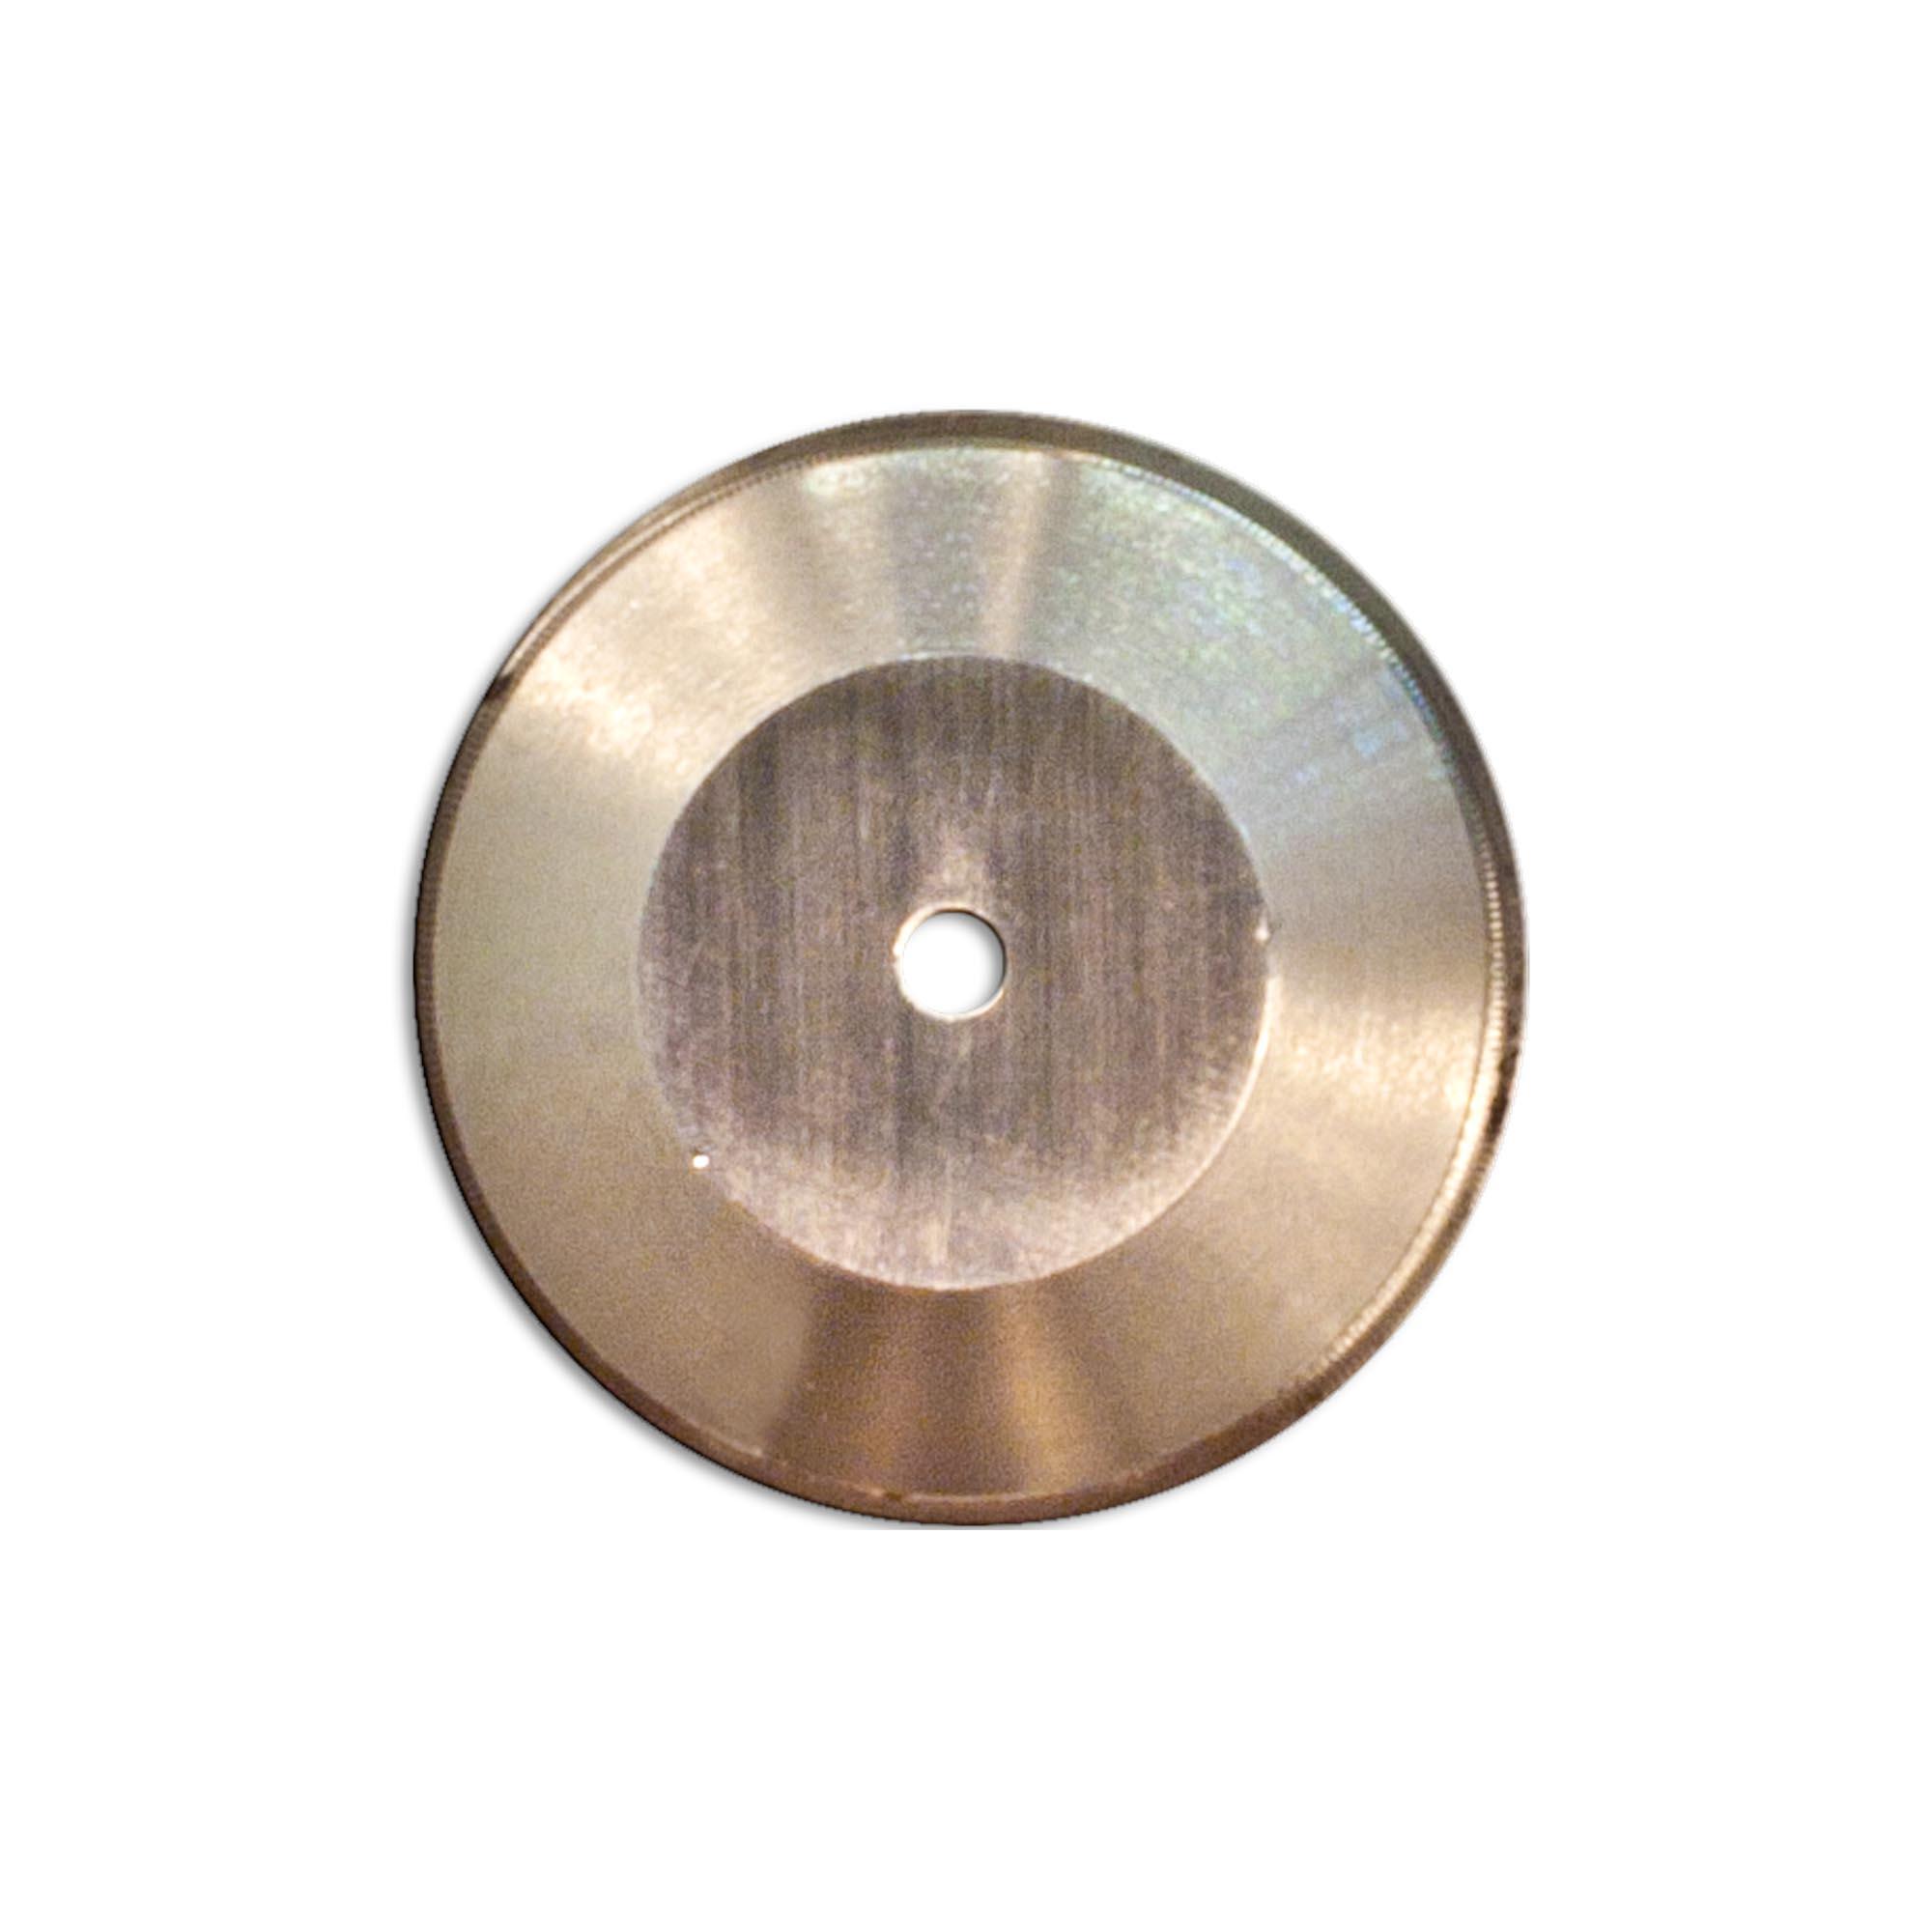 Model 901148-N10 Air Cap for AN1010SS